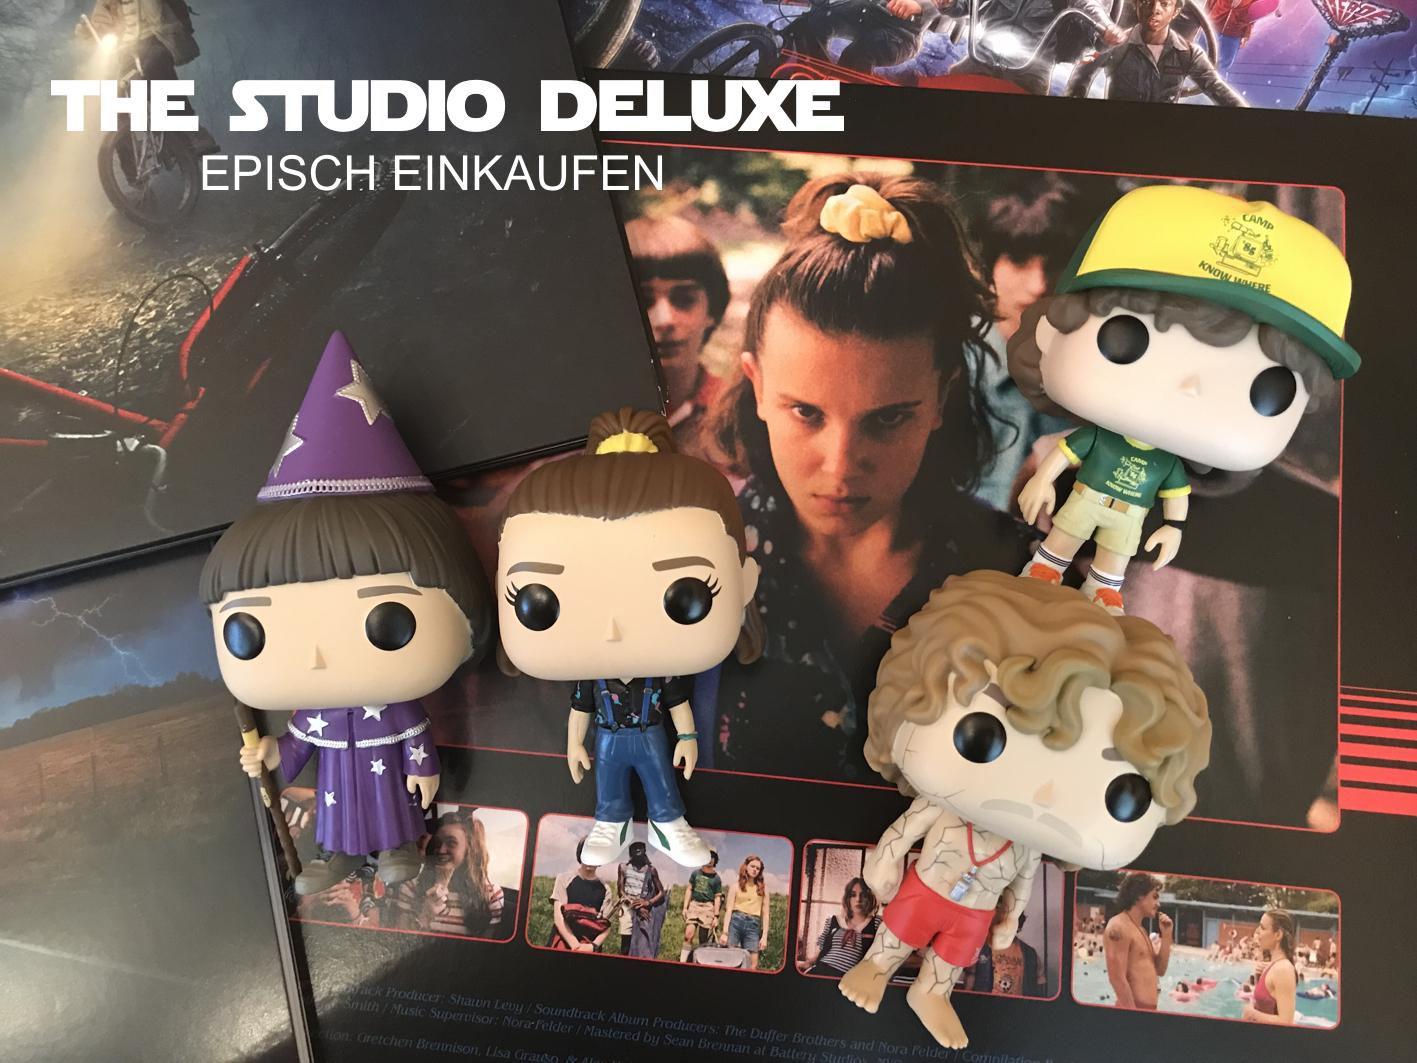 The-Studio-Deluxe-Episch-Einkaufen-Fanartikel-Merchandise-Online-Shop-Gaming-Film-Rockmusik